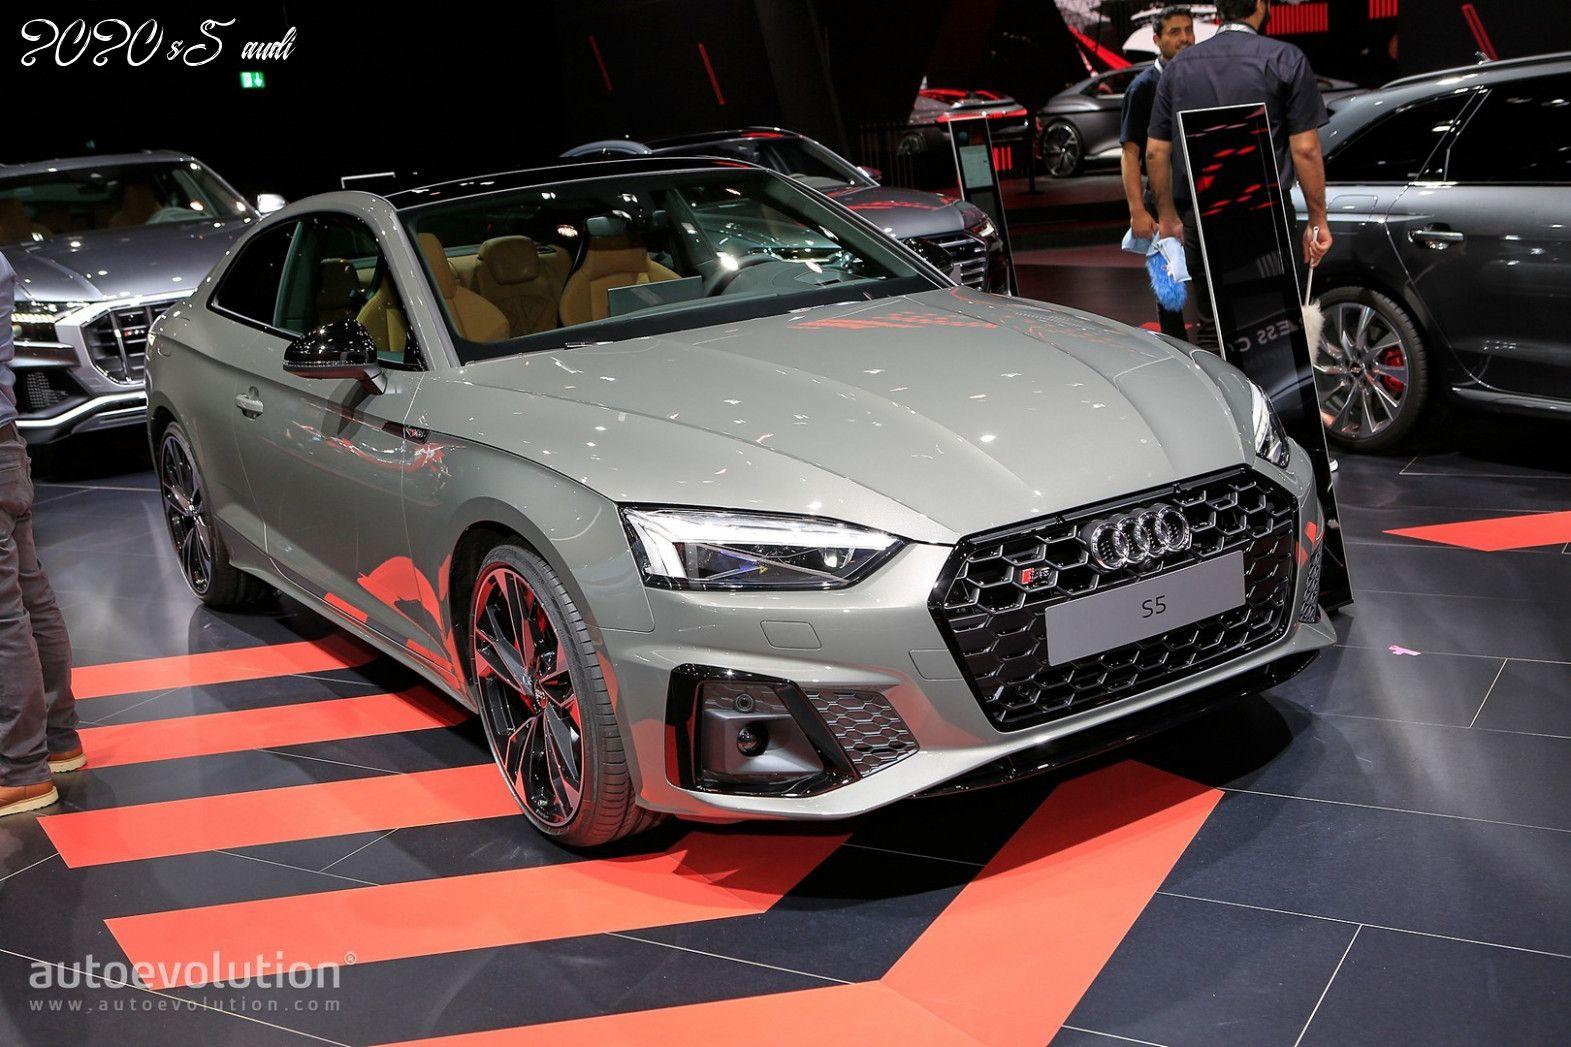 2020 S5 Audi In 2020 Audi S5 Audi S5 Sportback Audi